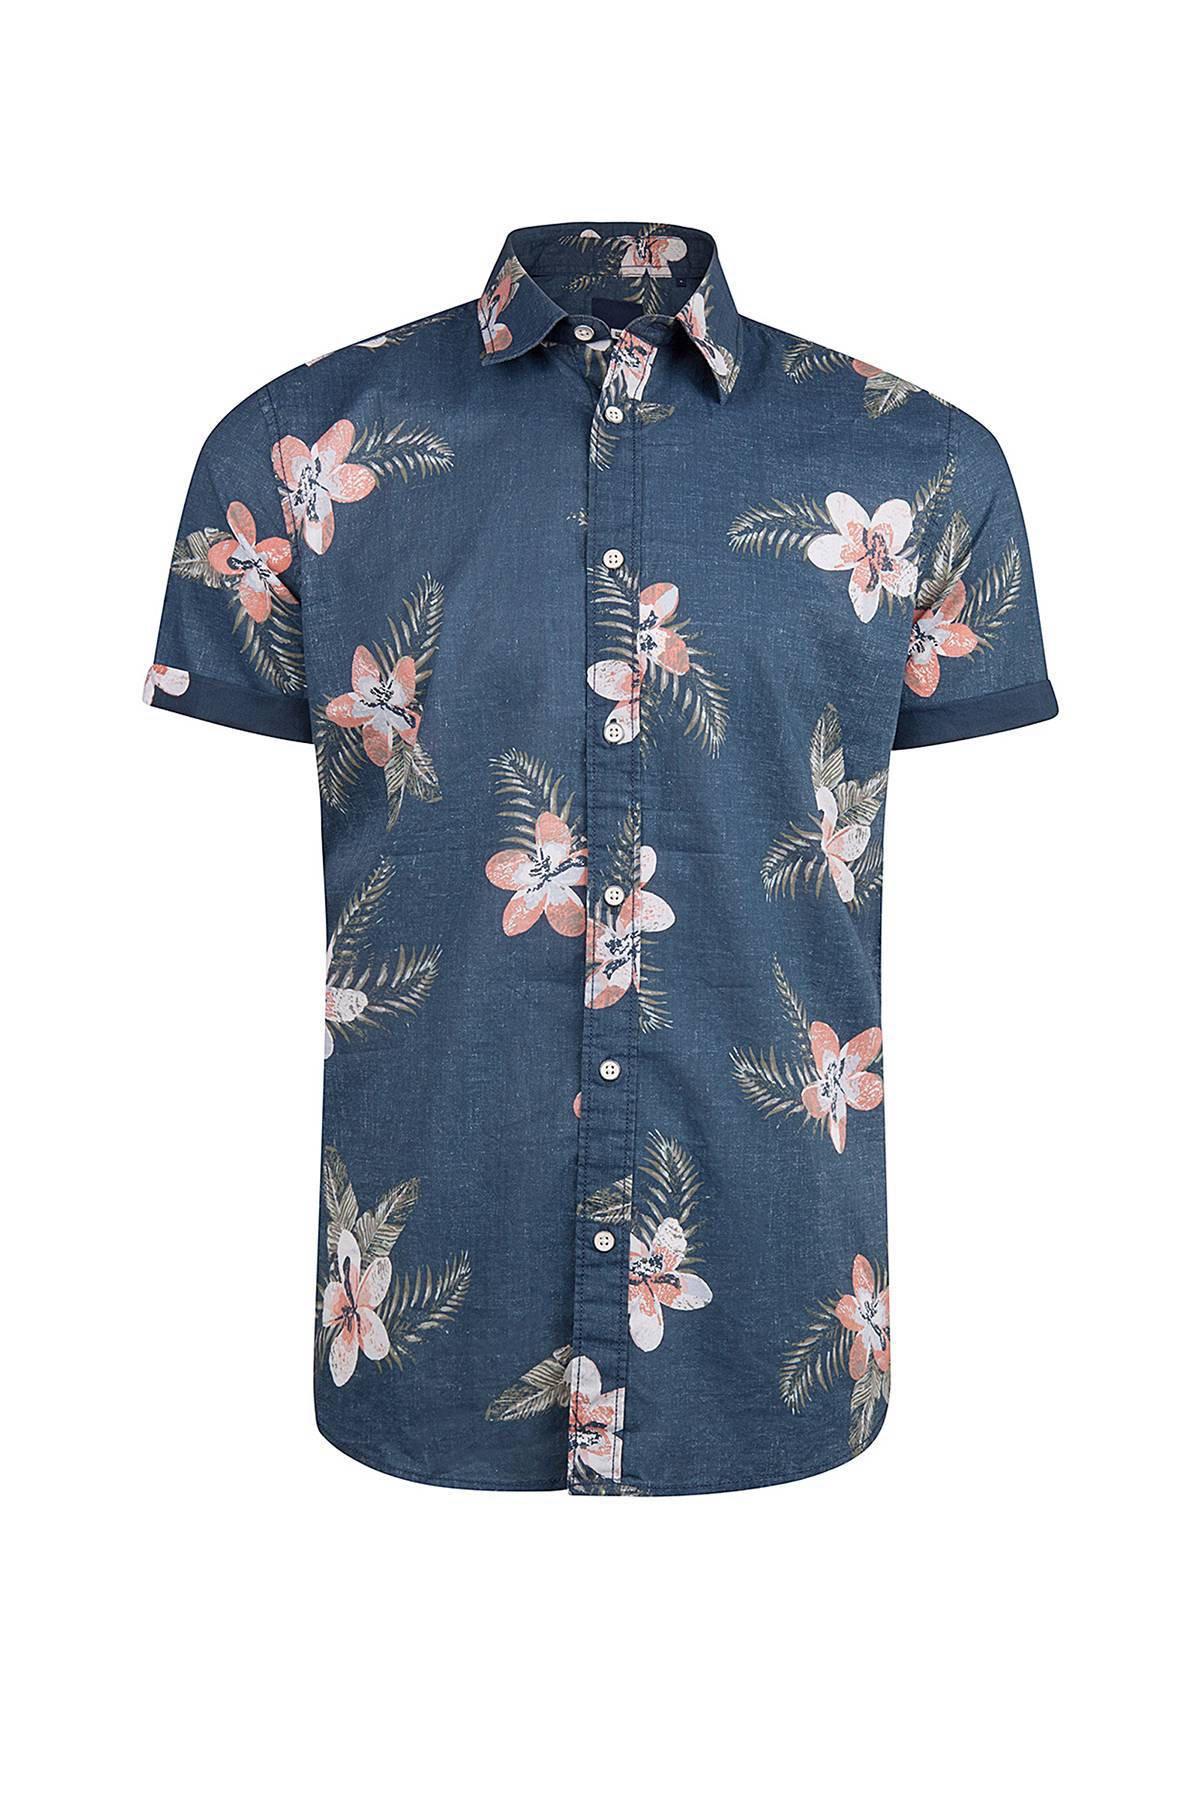 Overhemd Fit We Relaxed Bloemen BlauwWehkamp Fashion Met nkO0P8w